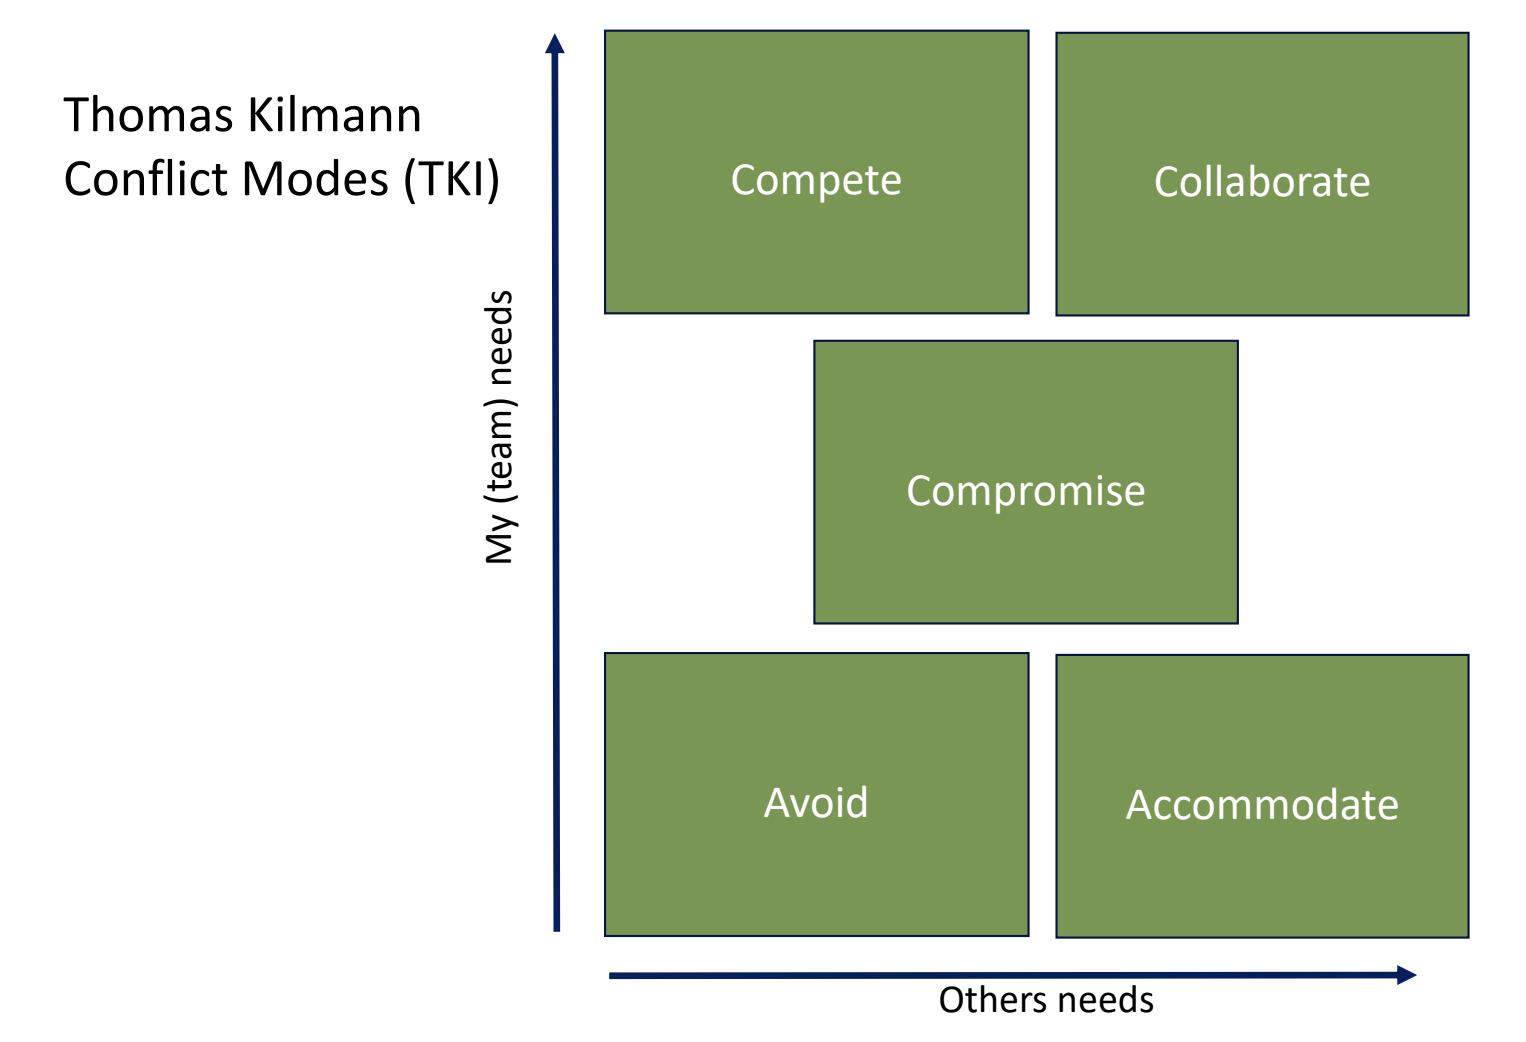 Thomas Kilmann Conflict Modes (TKI) Graph